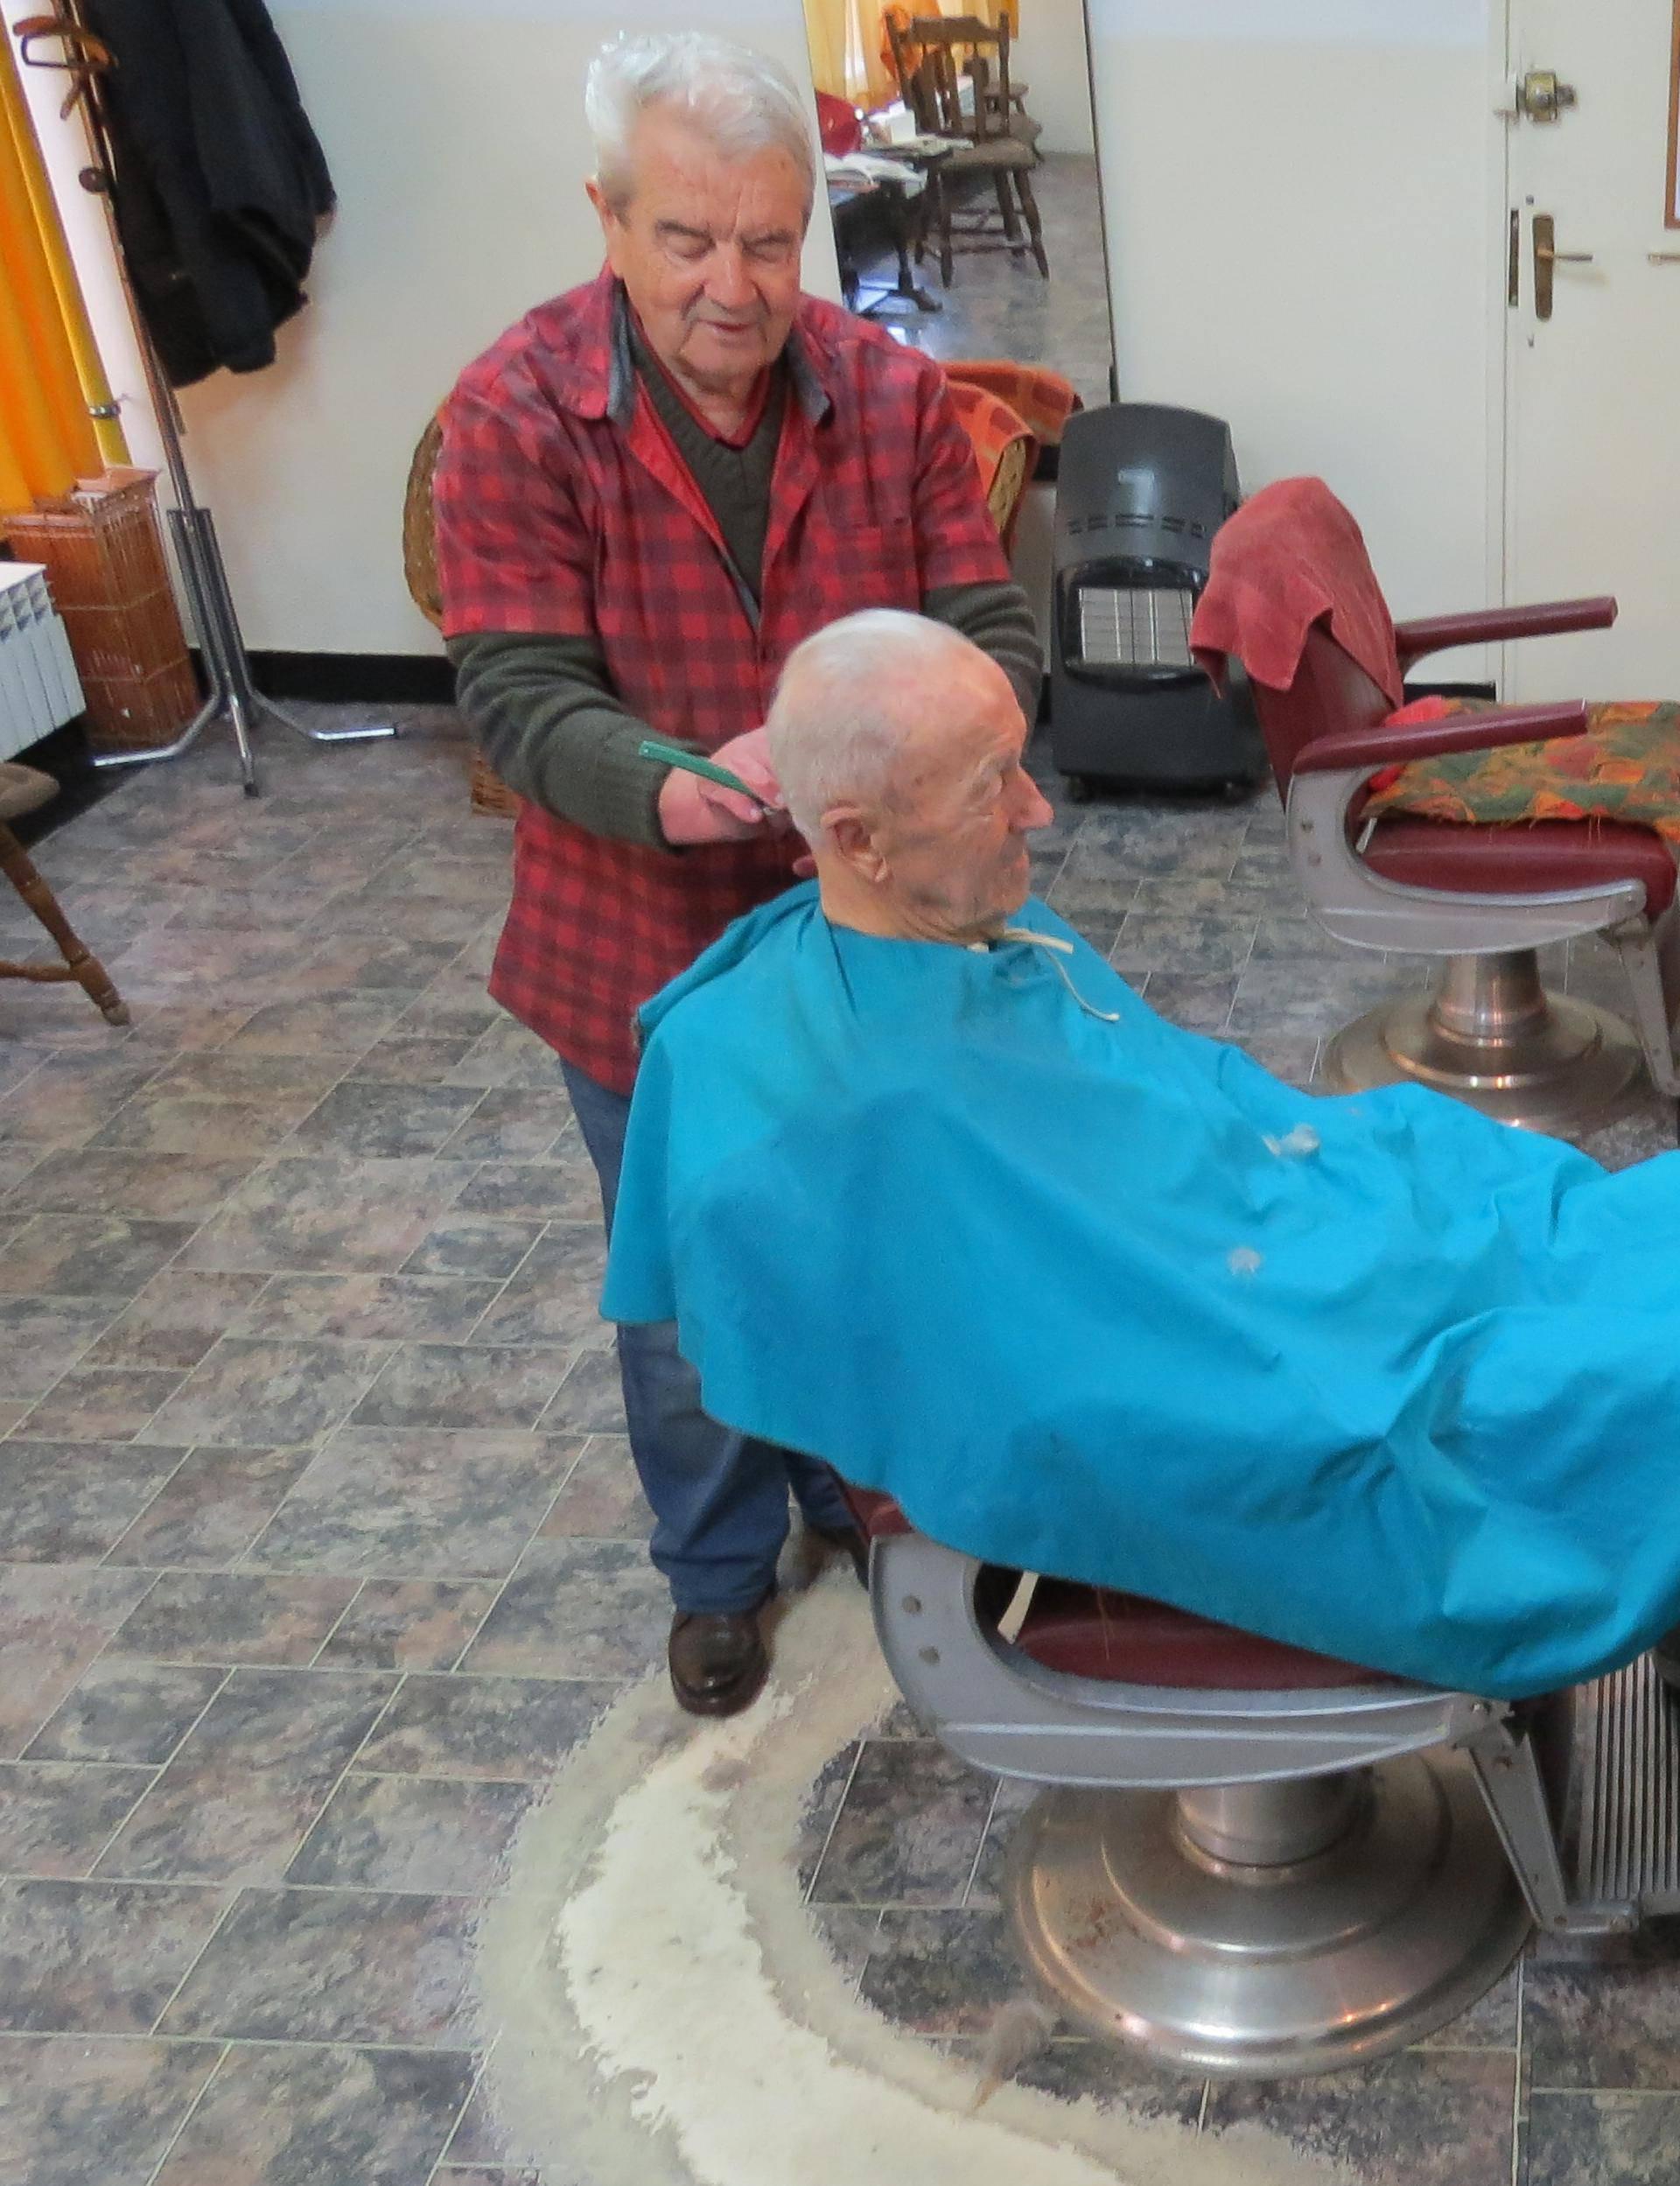 Zadnja britva na kolodvoru u Kninu: Bez rada bih se pogubio